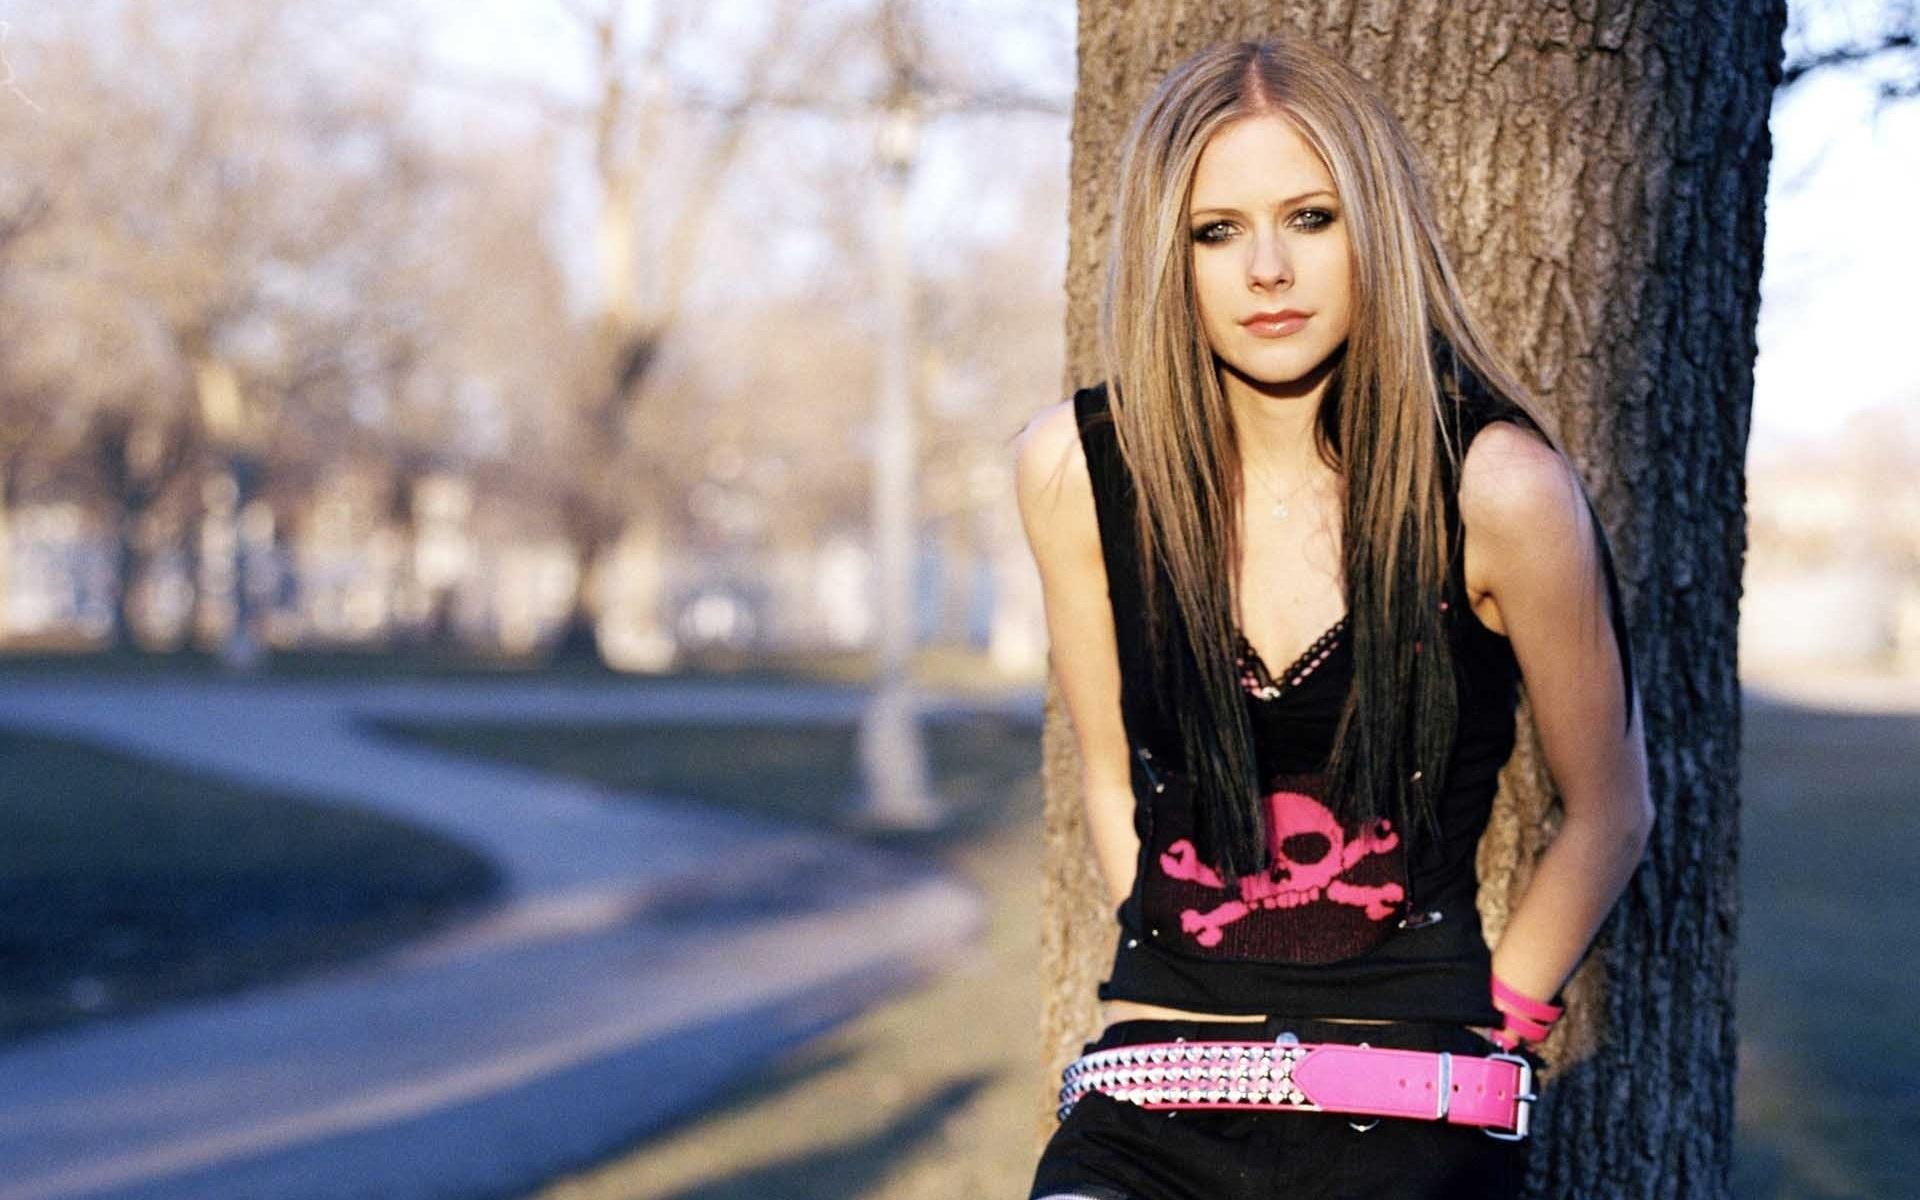 Фотографии девушек неформалок 5 фотография